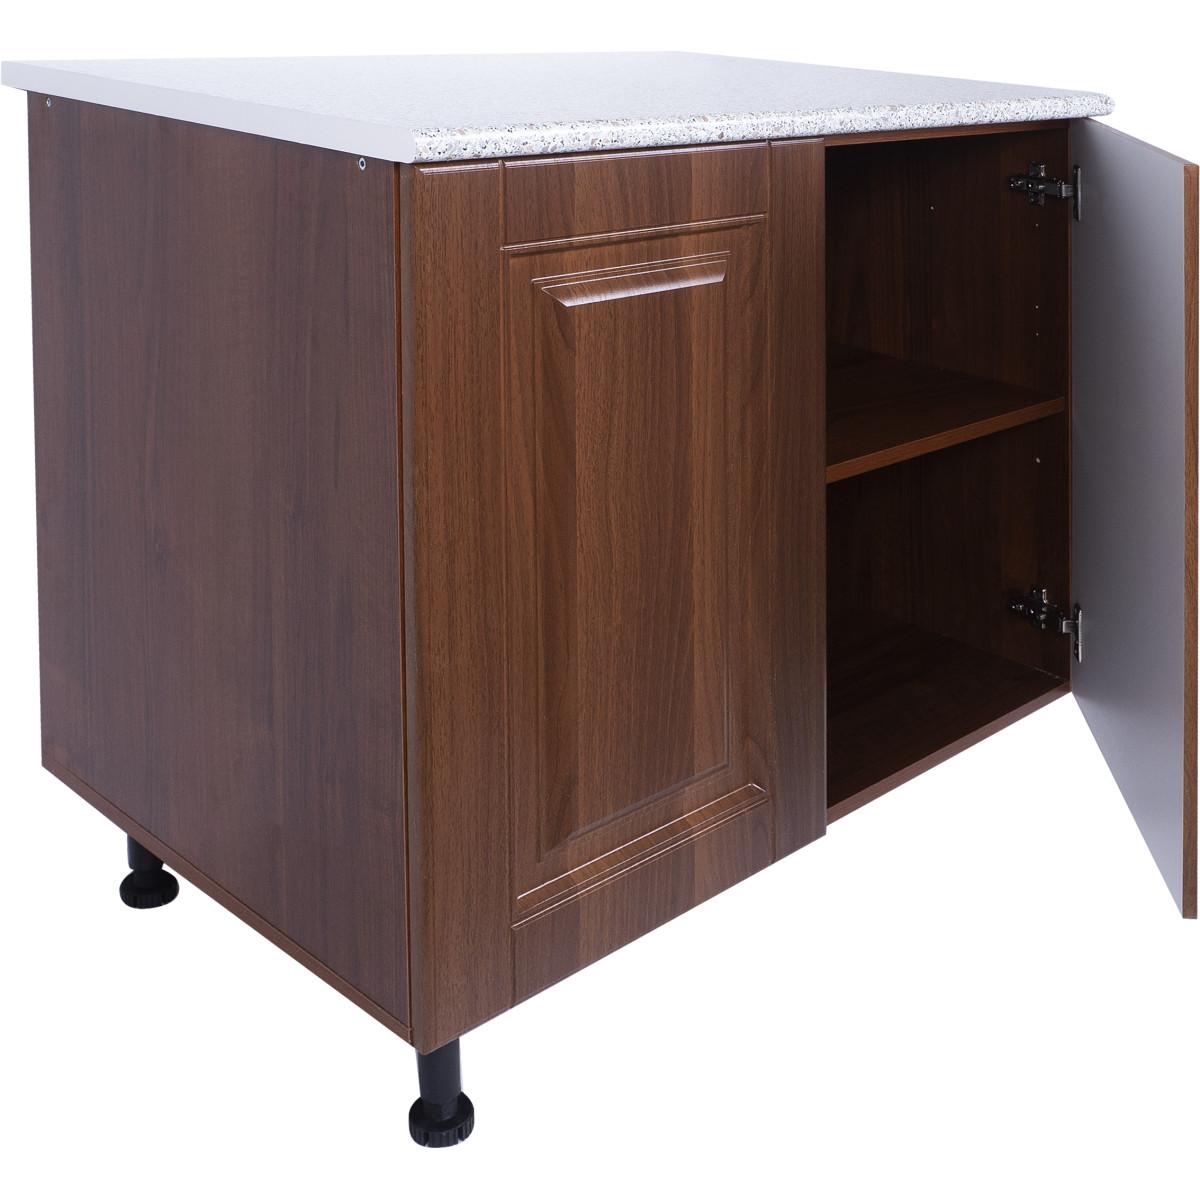 Шкаф напольный Орех Р 85х80 см МДФ цвет орех